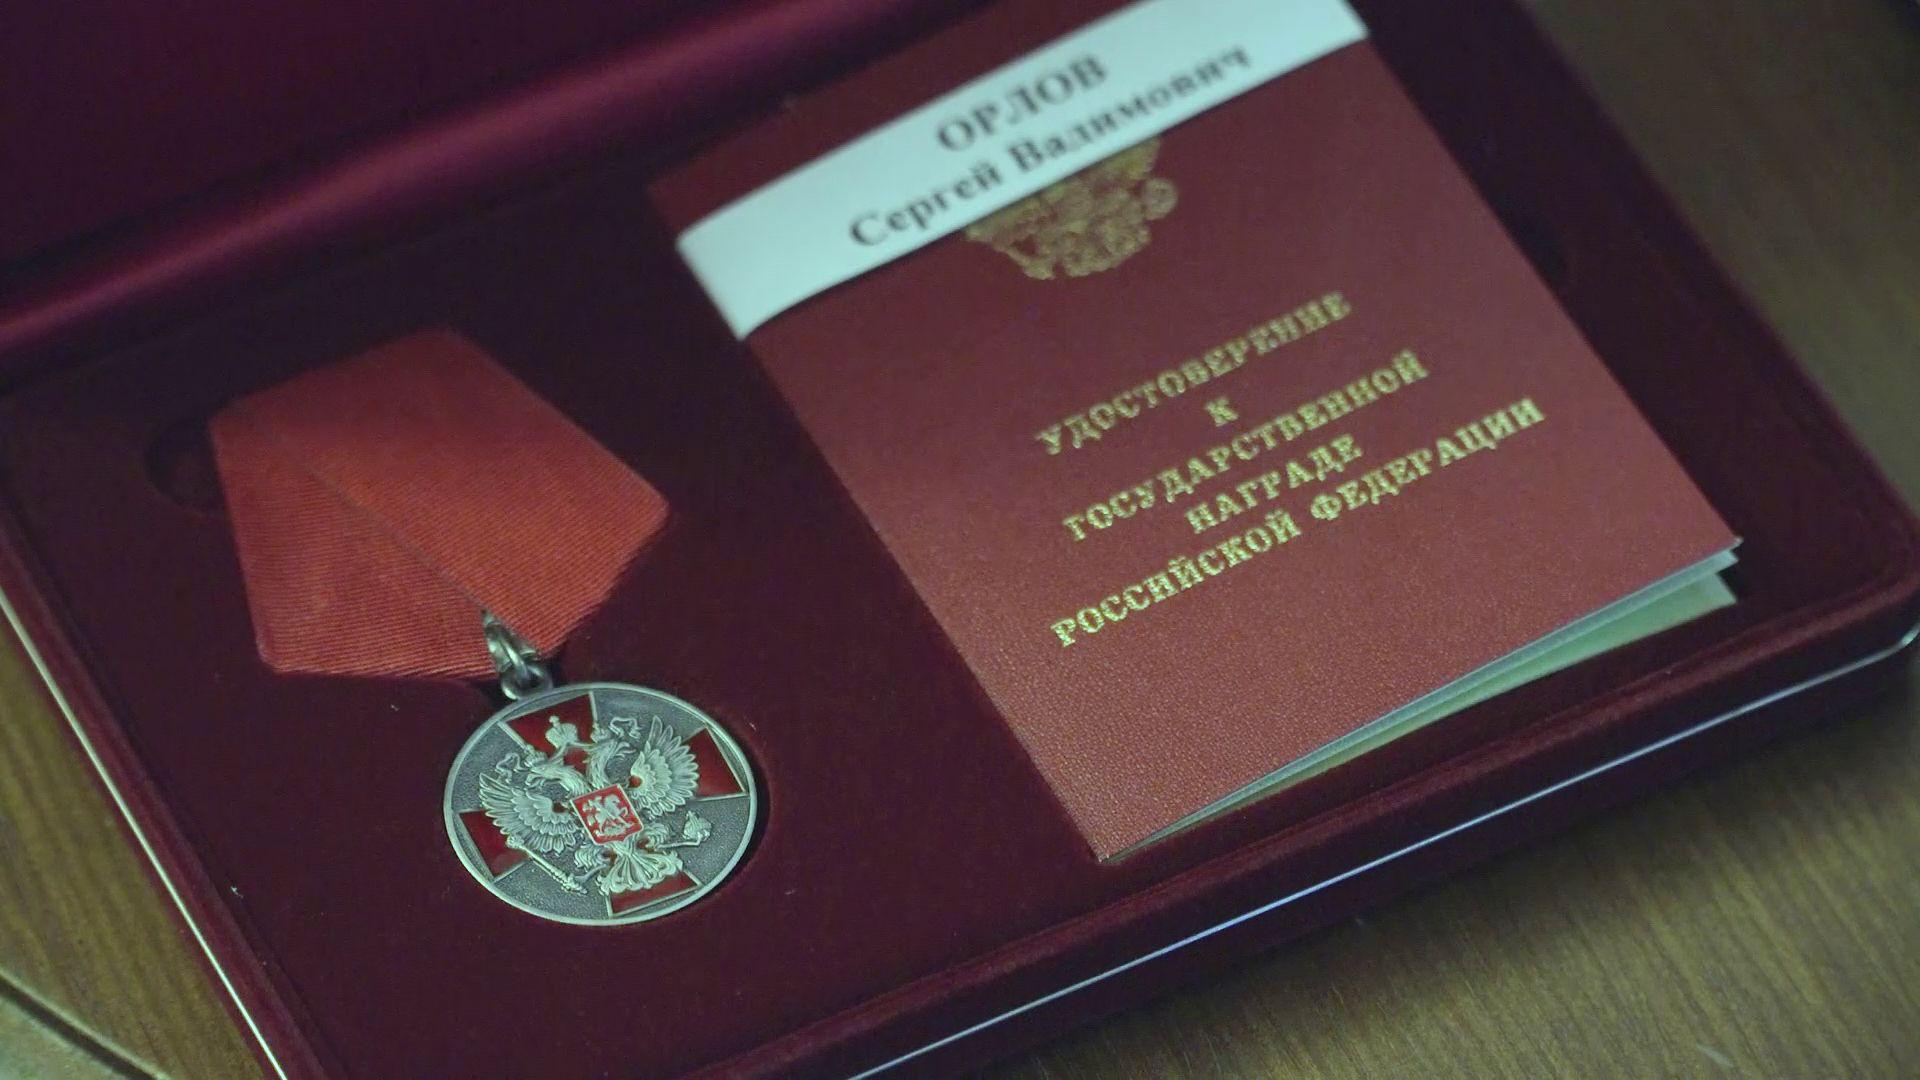 Дмитрий Миронов наградил заслуженных работников образования Российской Федерации